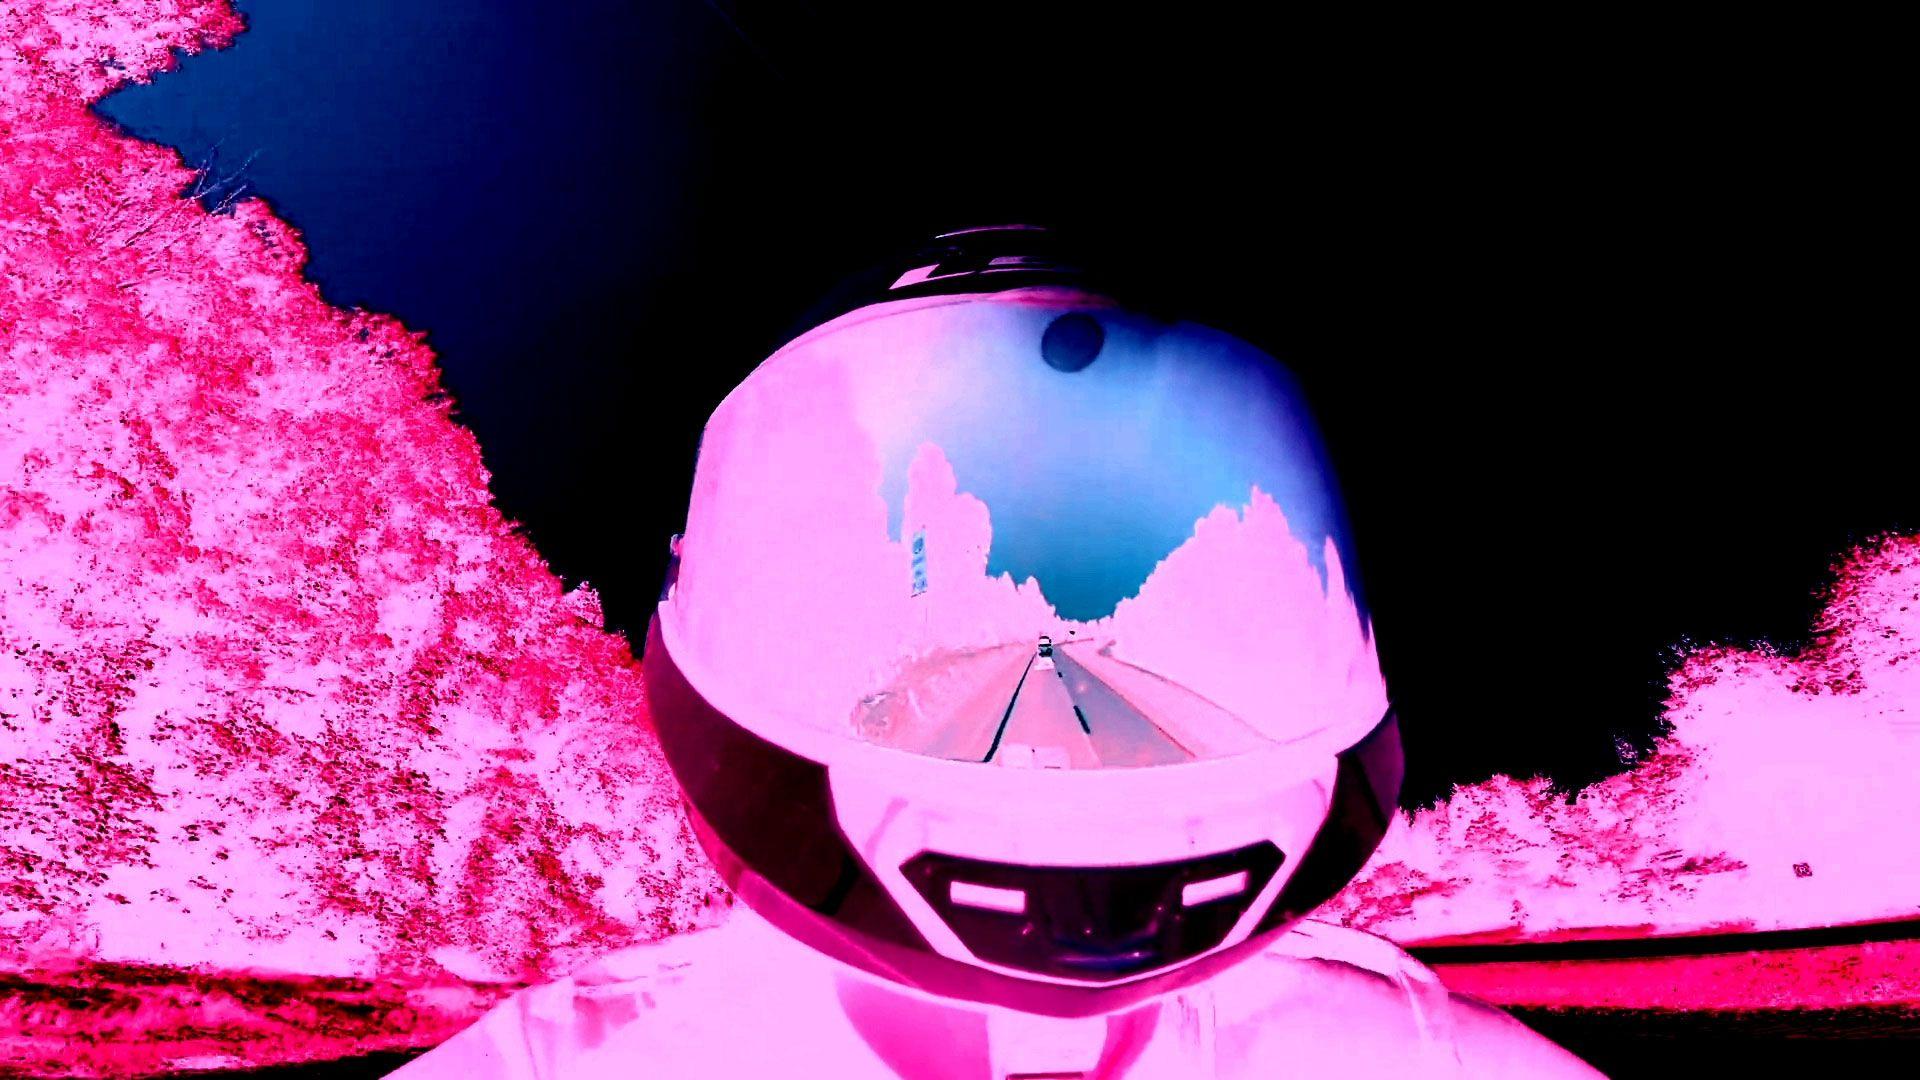 Vídeo apresenta imagens em negativo com cores furta cor, vemos a imagem de uma mulher dirigindo uma moto em uma estrada rodeada de floresta até sua casa, depois de voltar do supermercado com vinho e mantimentos para cozinhar, ela faz seu trabalho desde casa, pelo computador, ao fim vemos imagens de prédios sendo detonados.